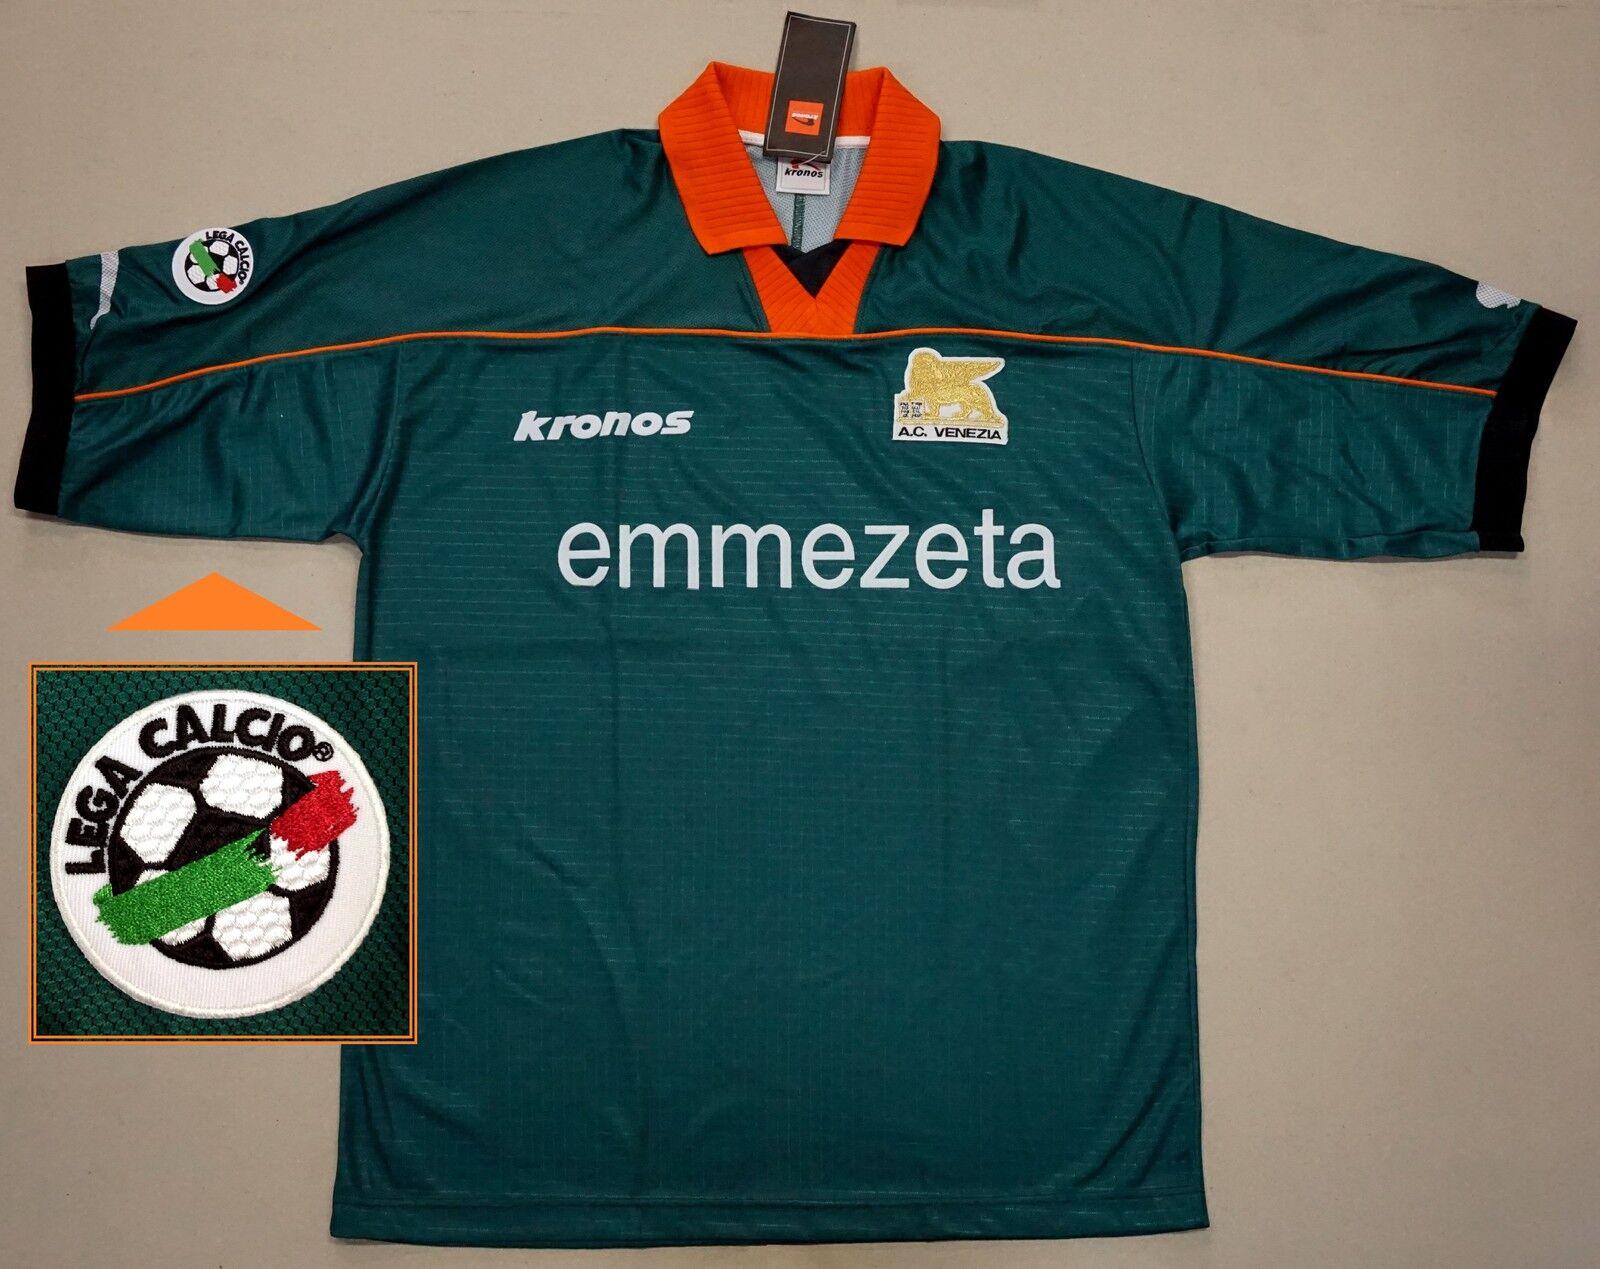 AC Venezia 1999 2000 3rd JERSEY MAGLIA (L) - Lega Calcio Parche  BNWT-Italia